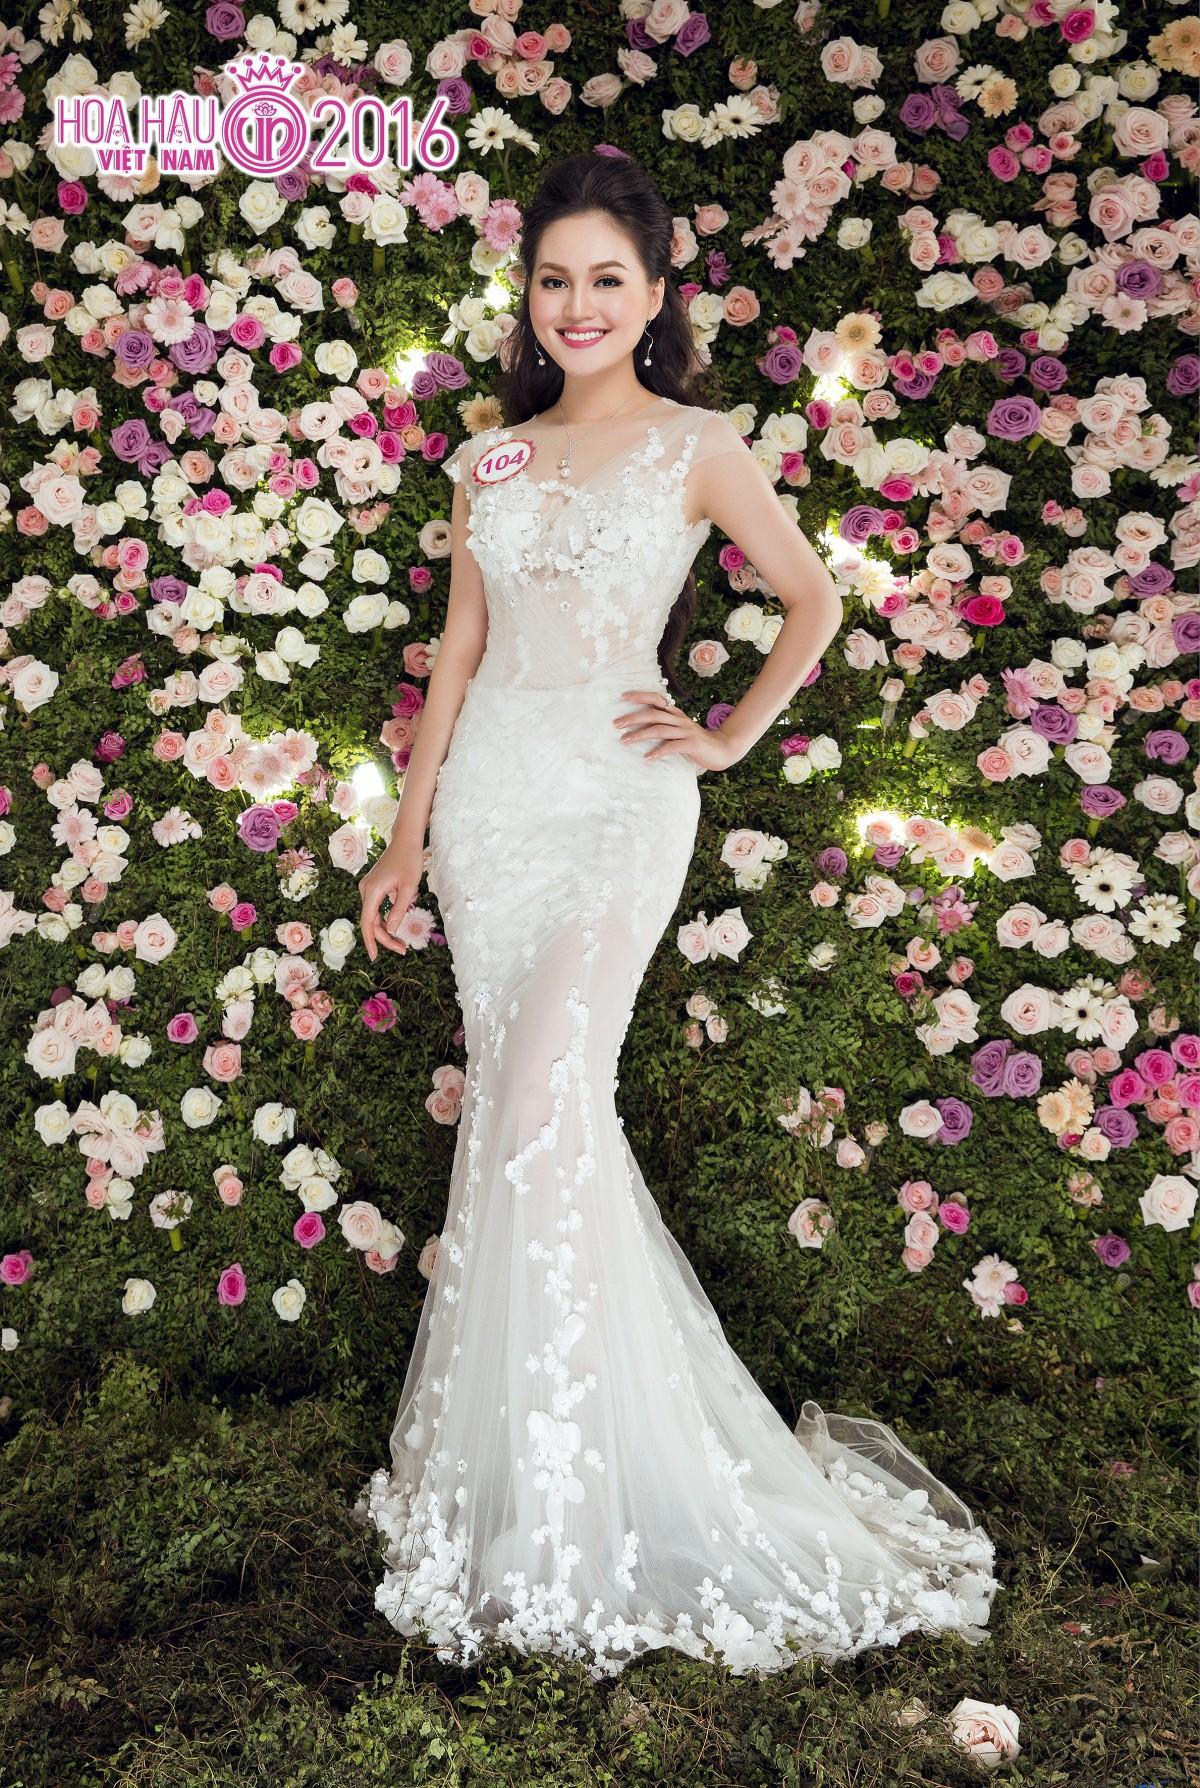 Hai người đẹp hiếm hoi giành giải 'Mặc trang phục dạ hội đẹp nhất' tại Hoa hậu Việt Nam ảnh 2